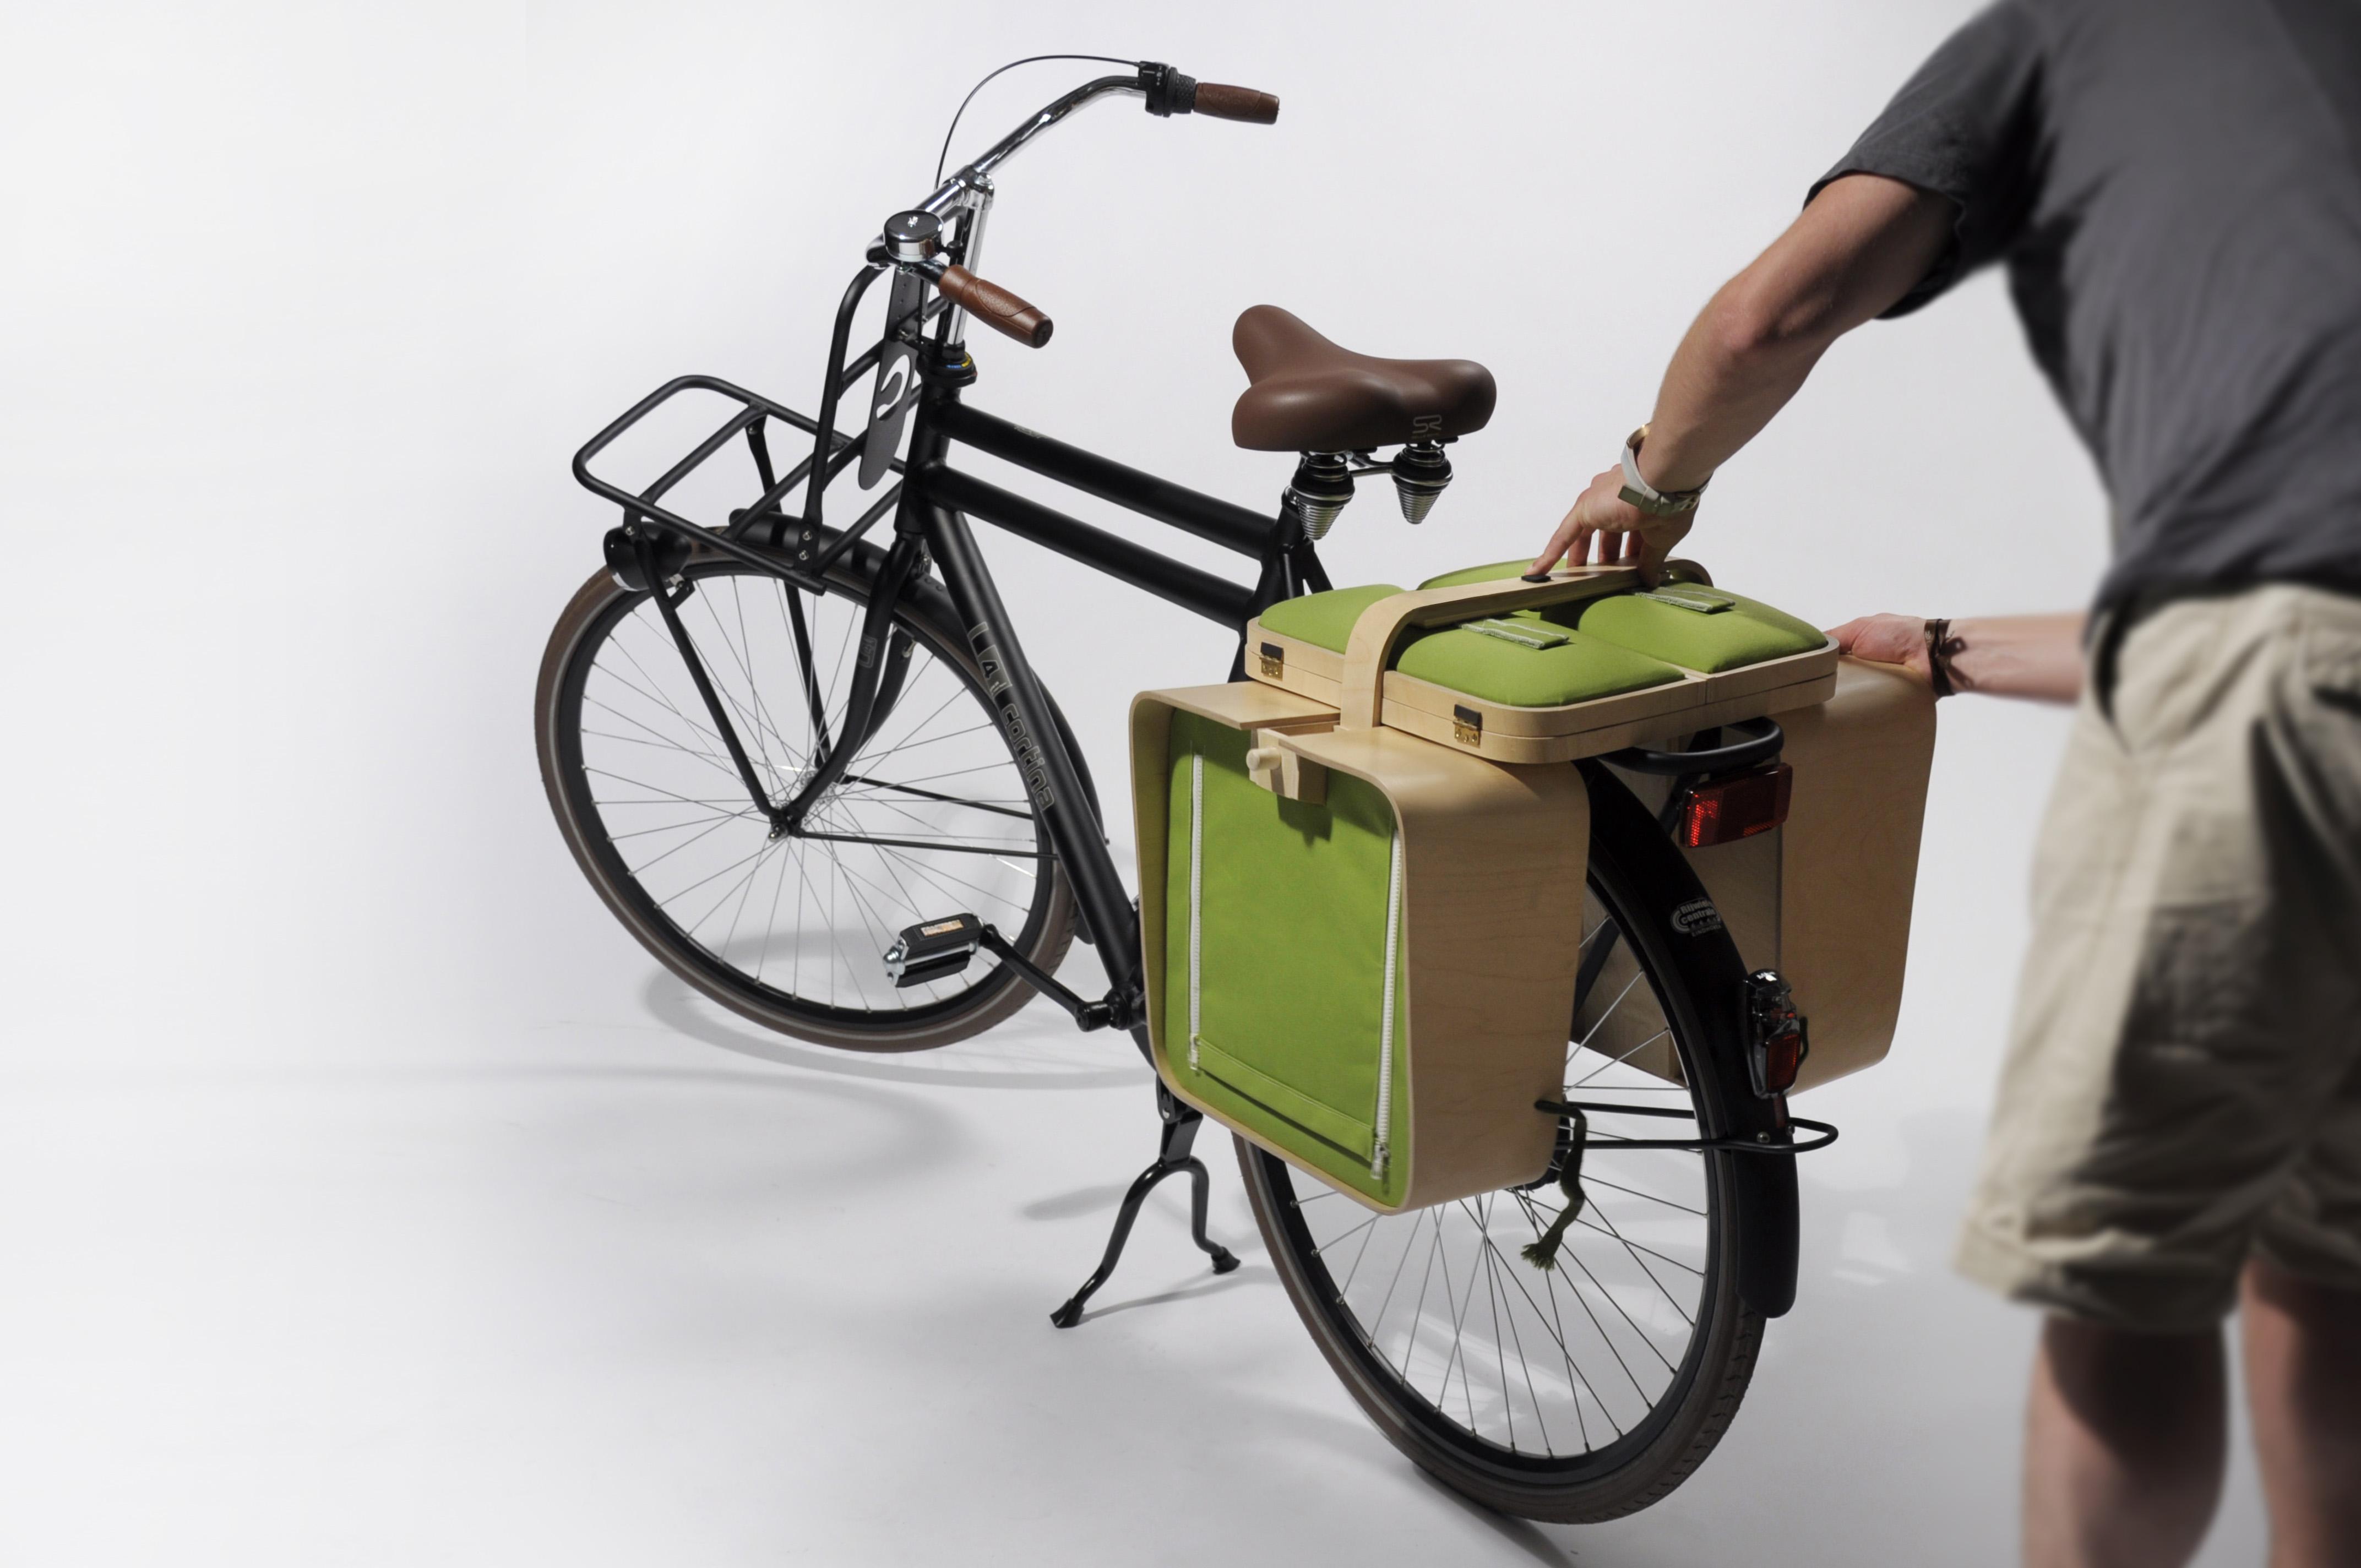 Picknickbasket-op-fiets2